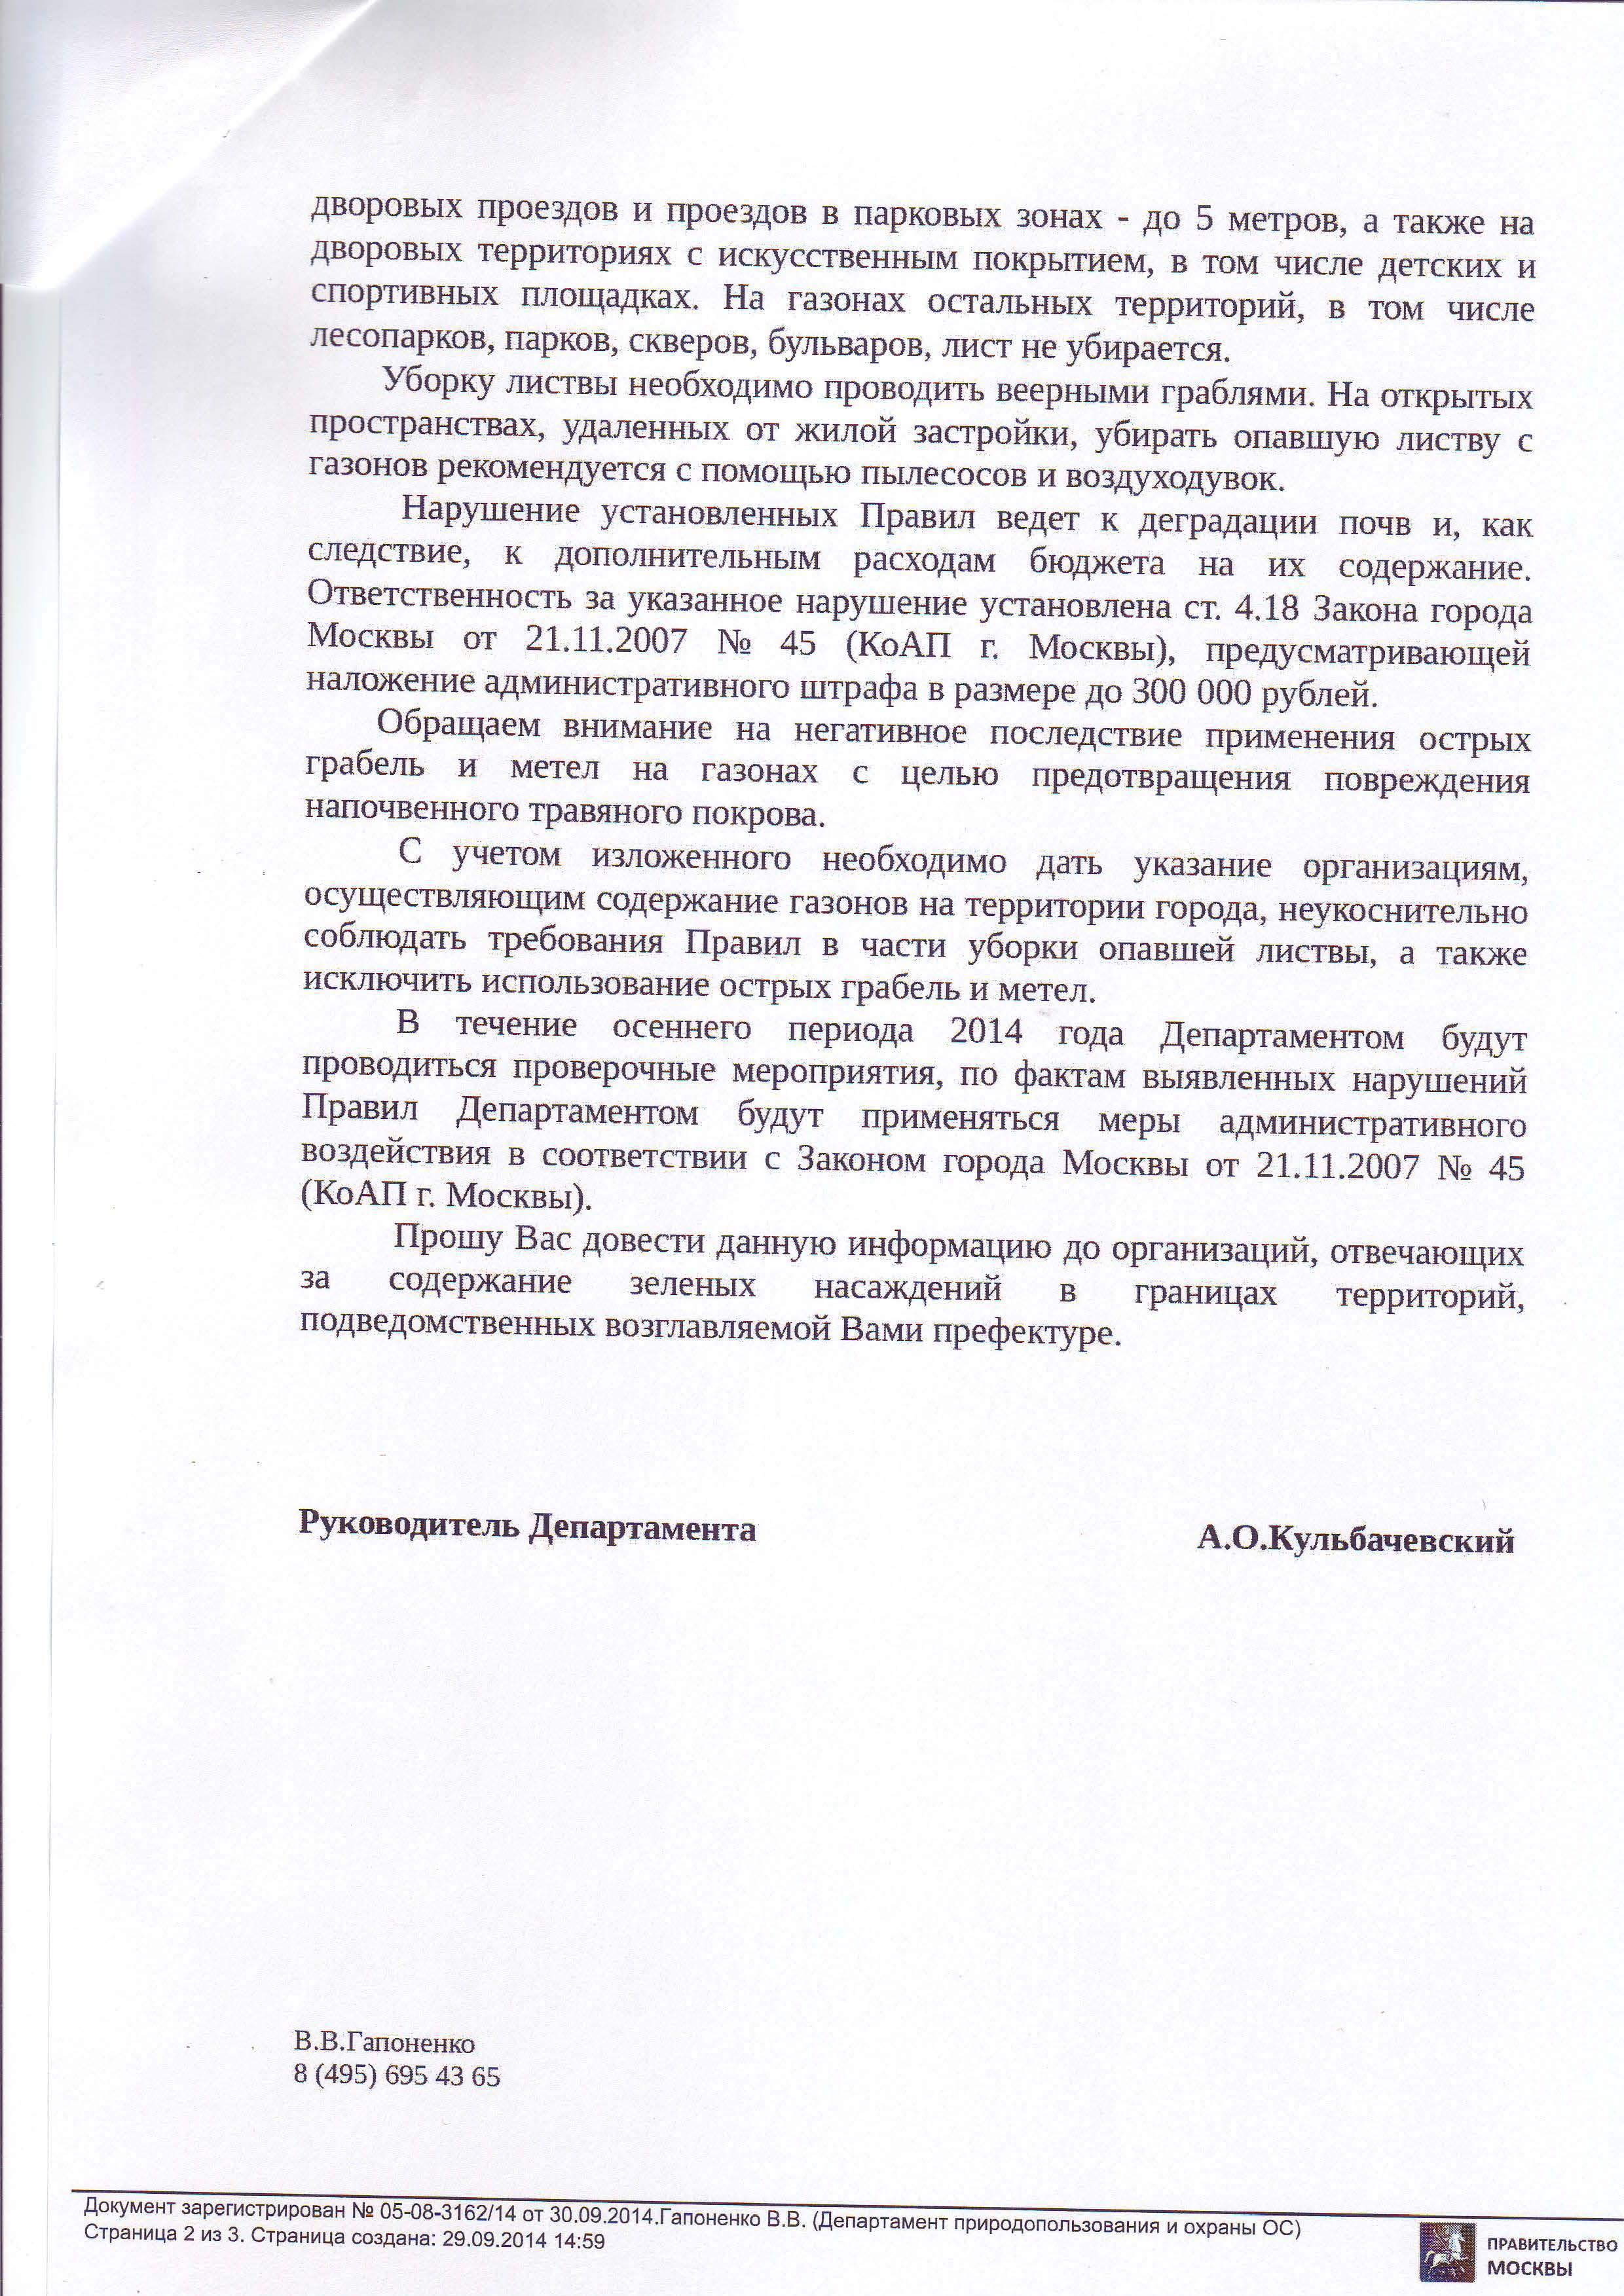 2014.09.30_Кульбачевский префектам_Страница_2